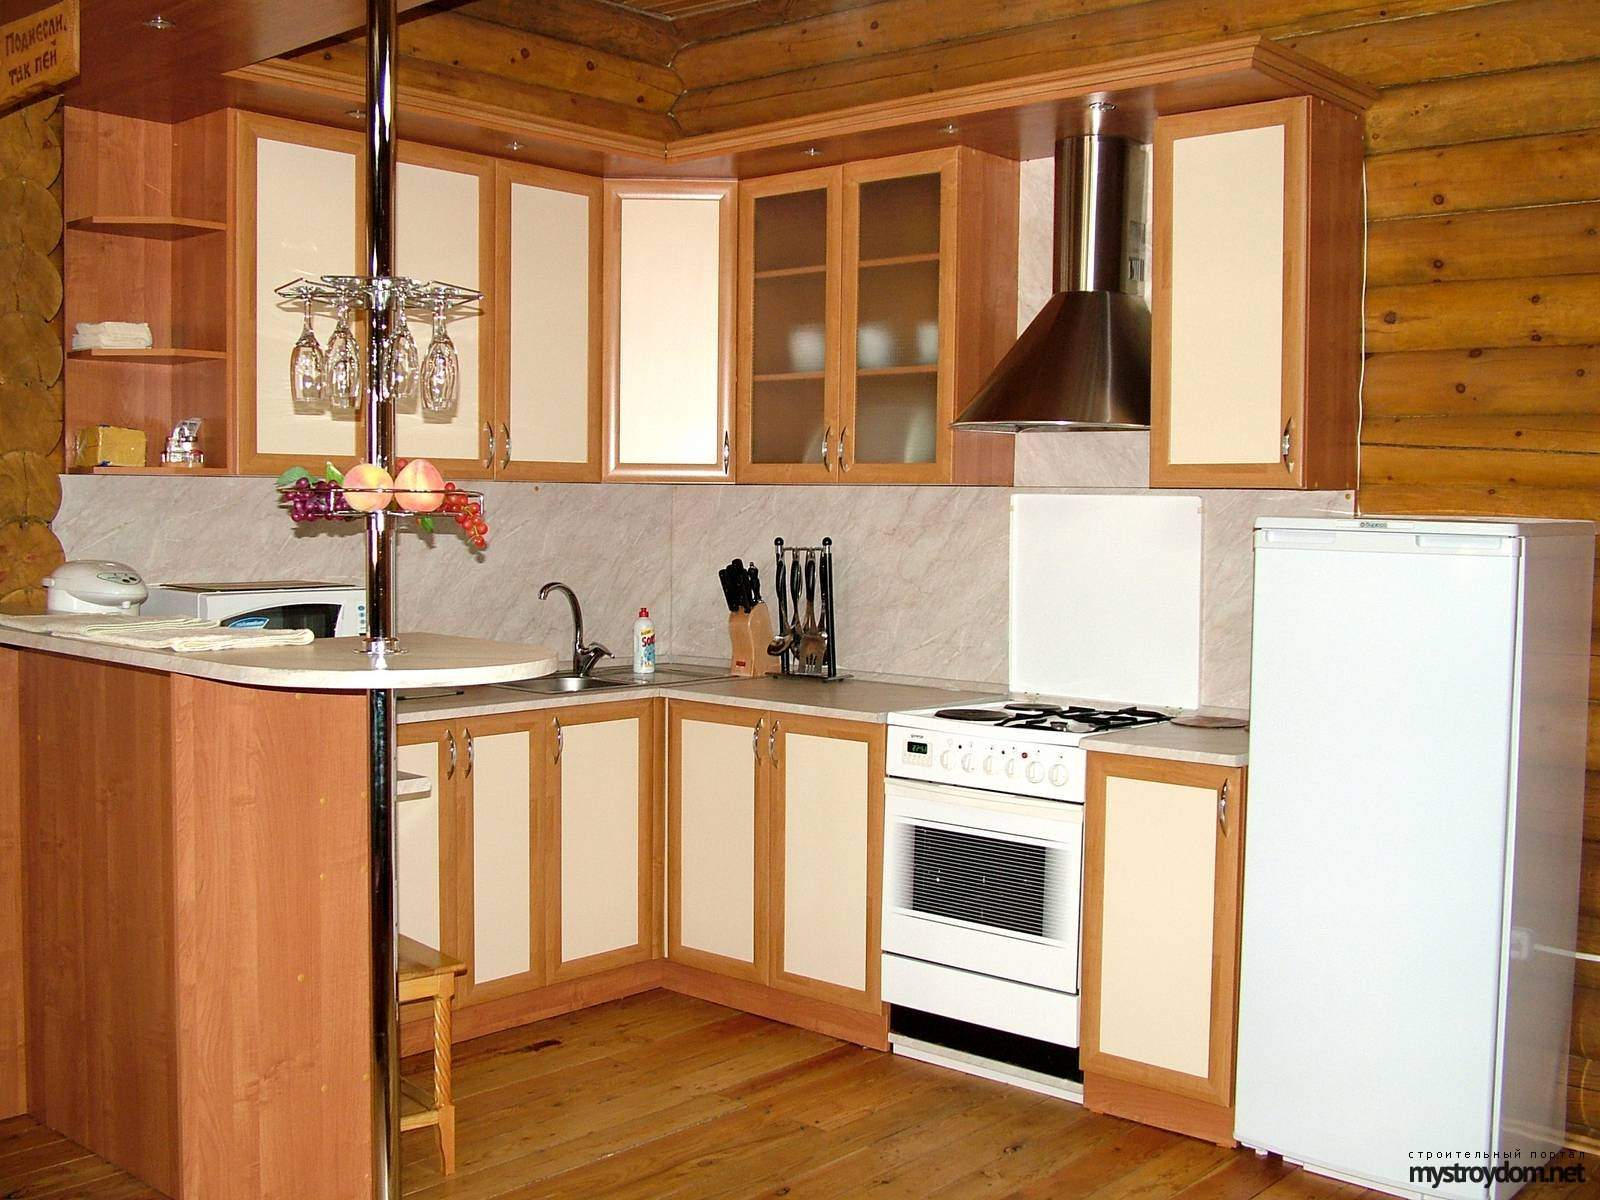 Дизайн маленькой кухни с барной стойкой фото